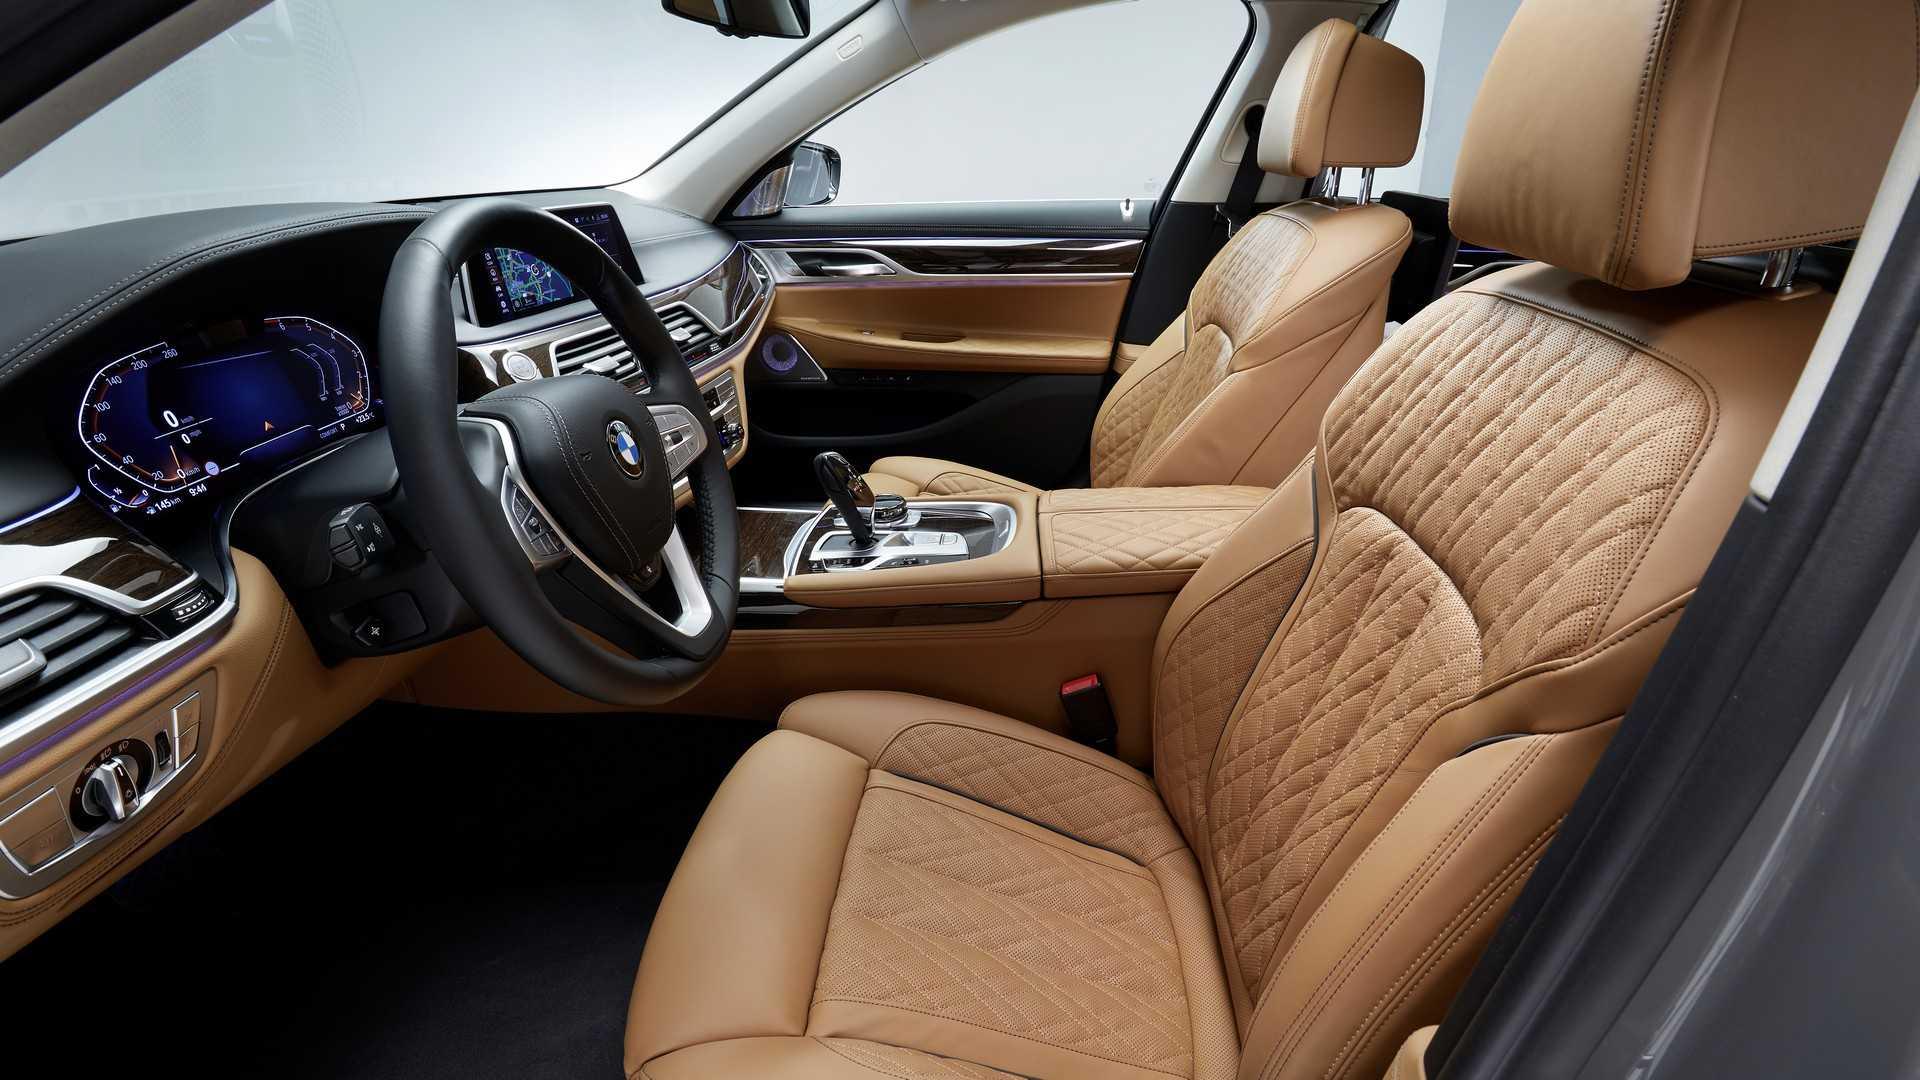 BMW 7 Series thế hệ mới sẽ có thêm bản chạy điện hoàn toàn - 27